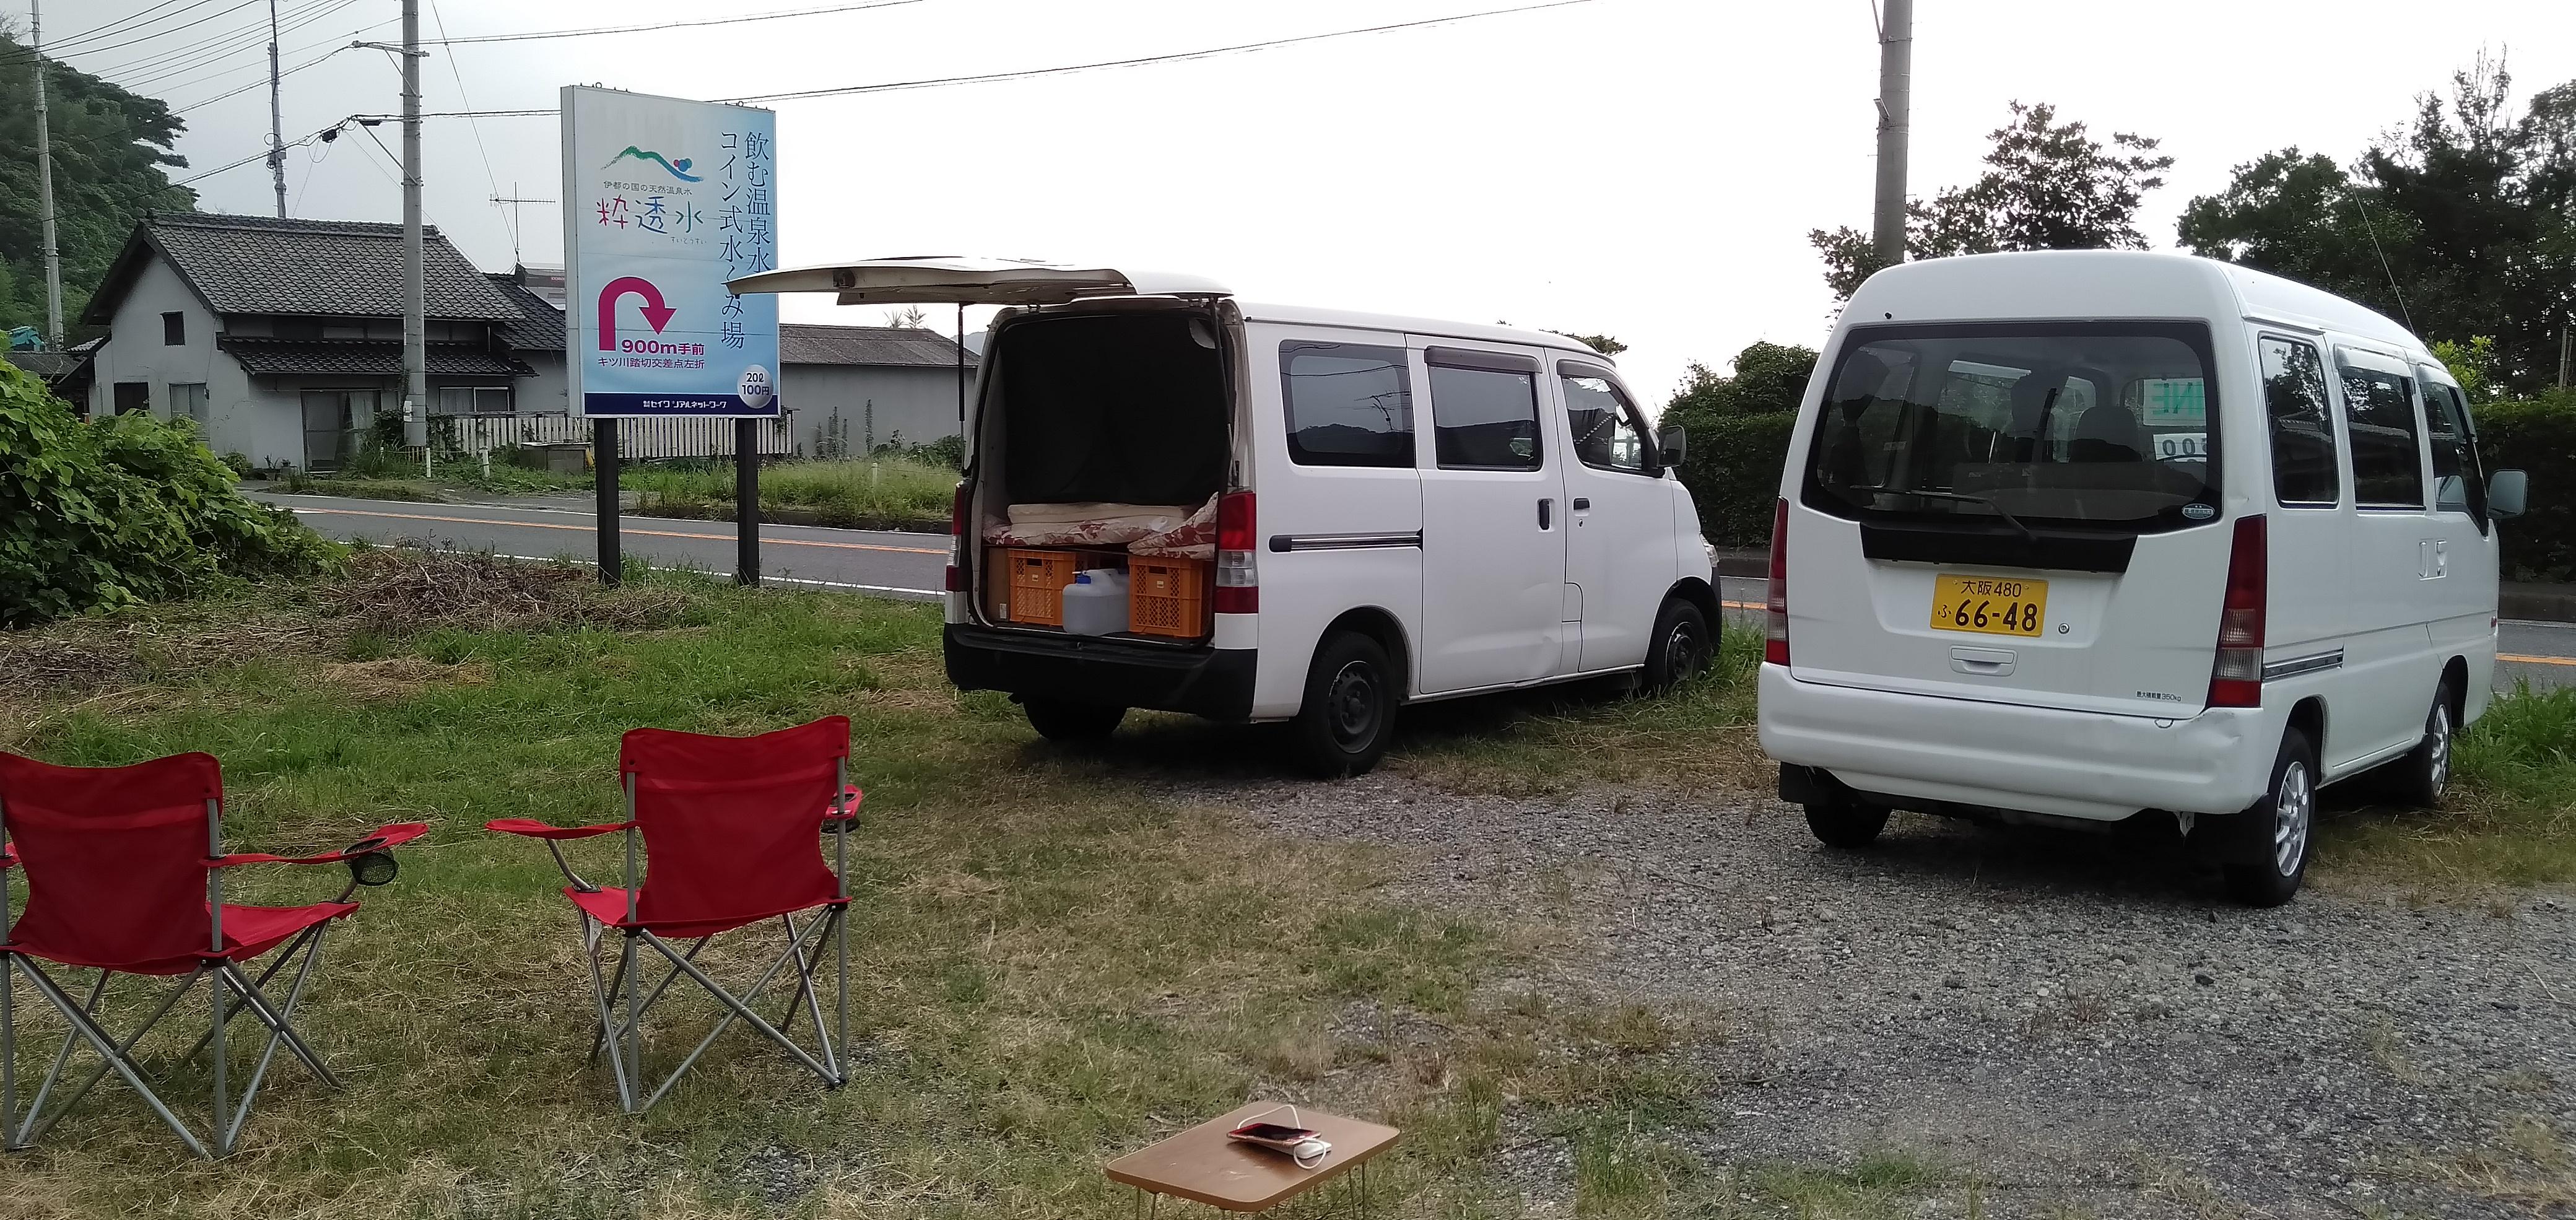 キャンプチェアーを広げてコーヒーを楽しみますか?ビールを楽しみますか?